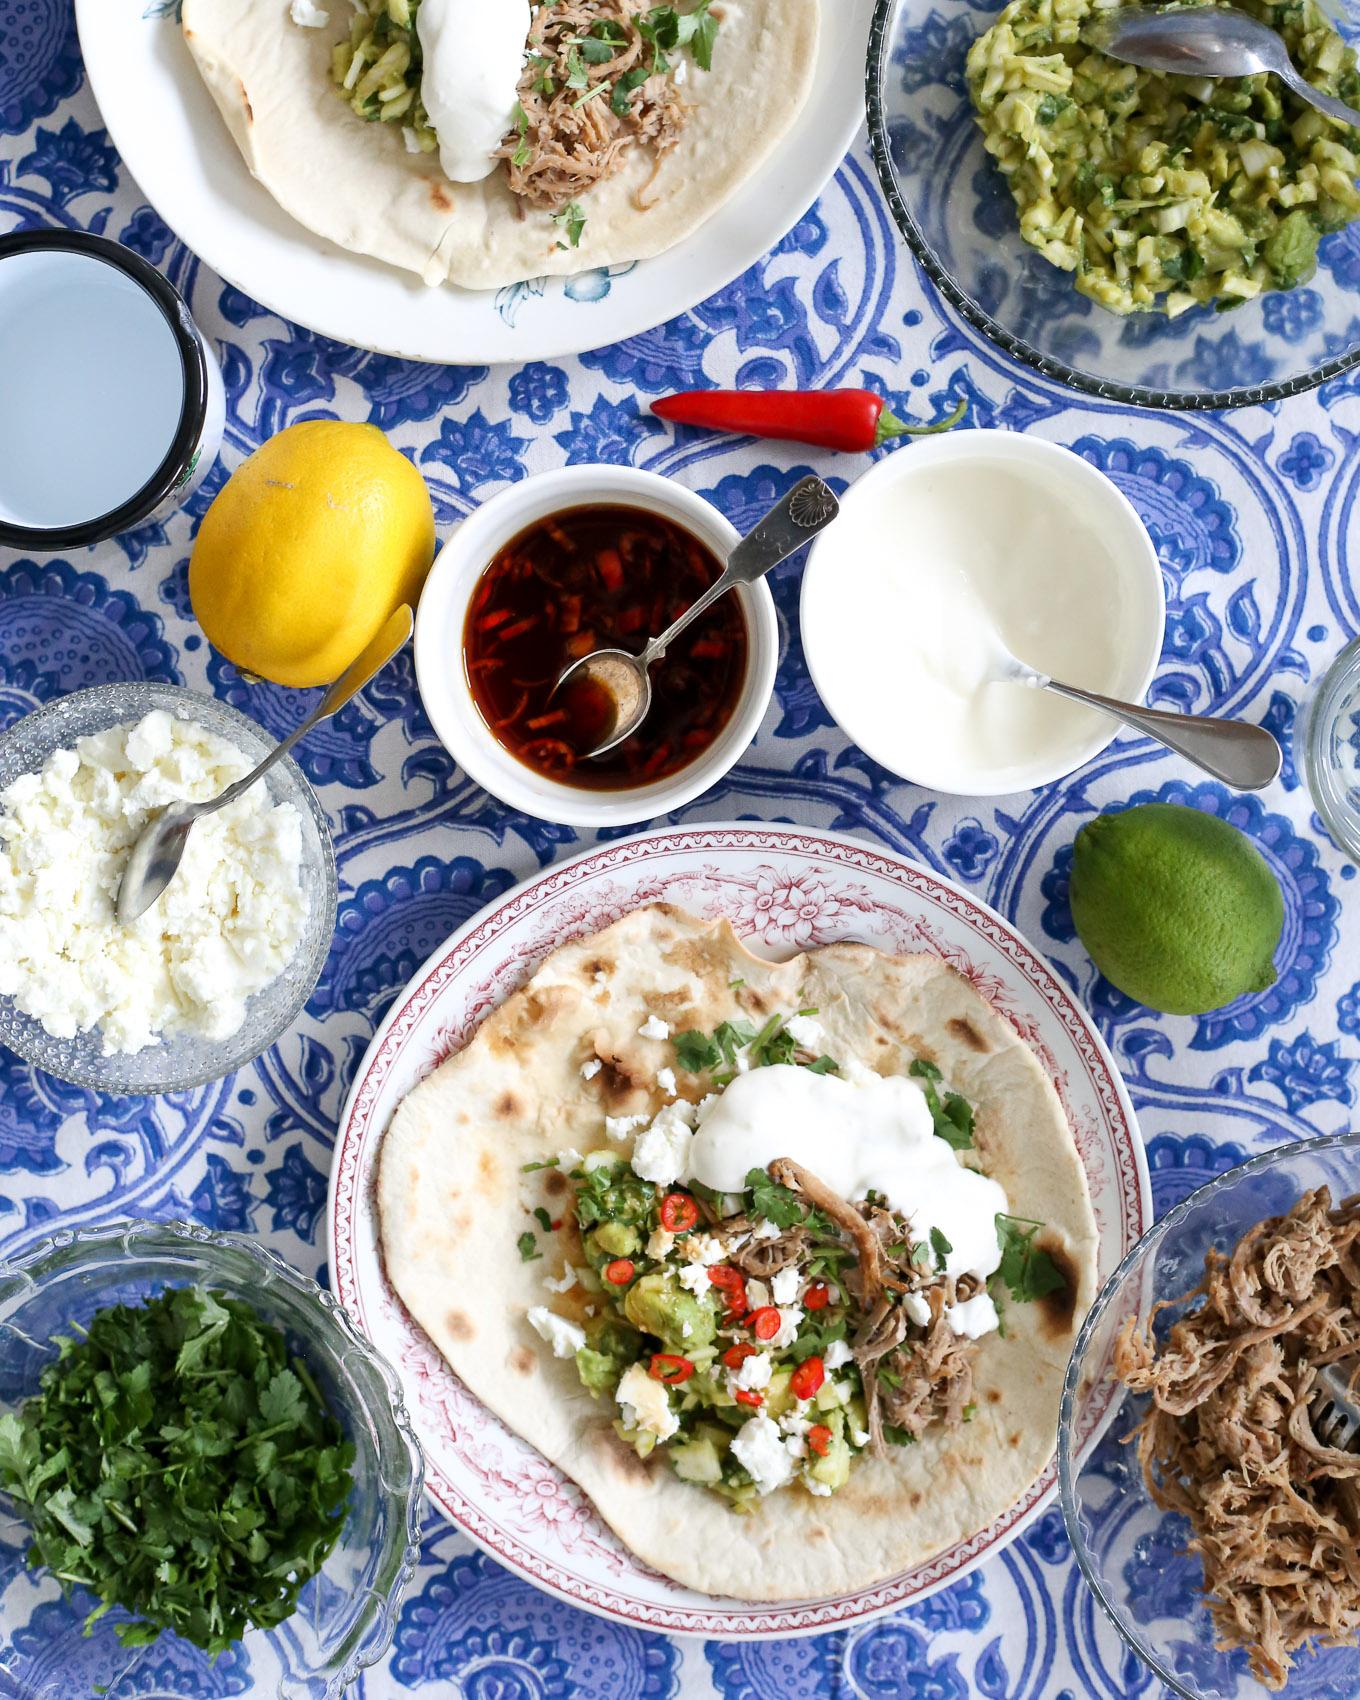 Soijamarinoitu nyhtöpossu - avokadosalsa - tortillat - 4.jpg